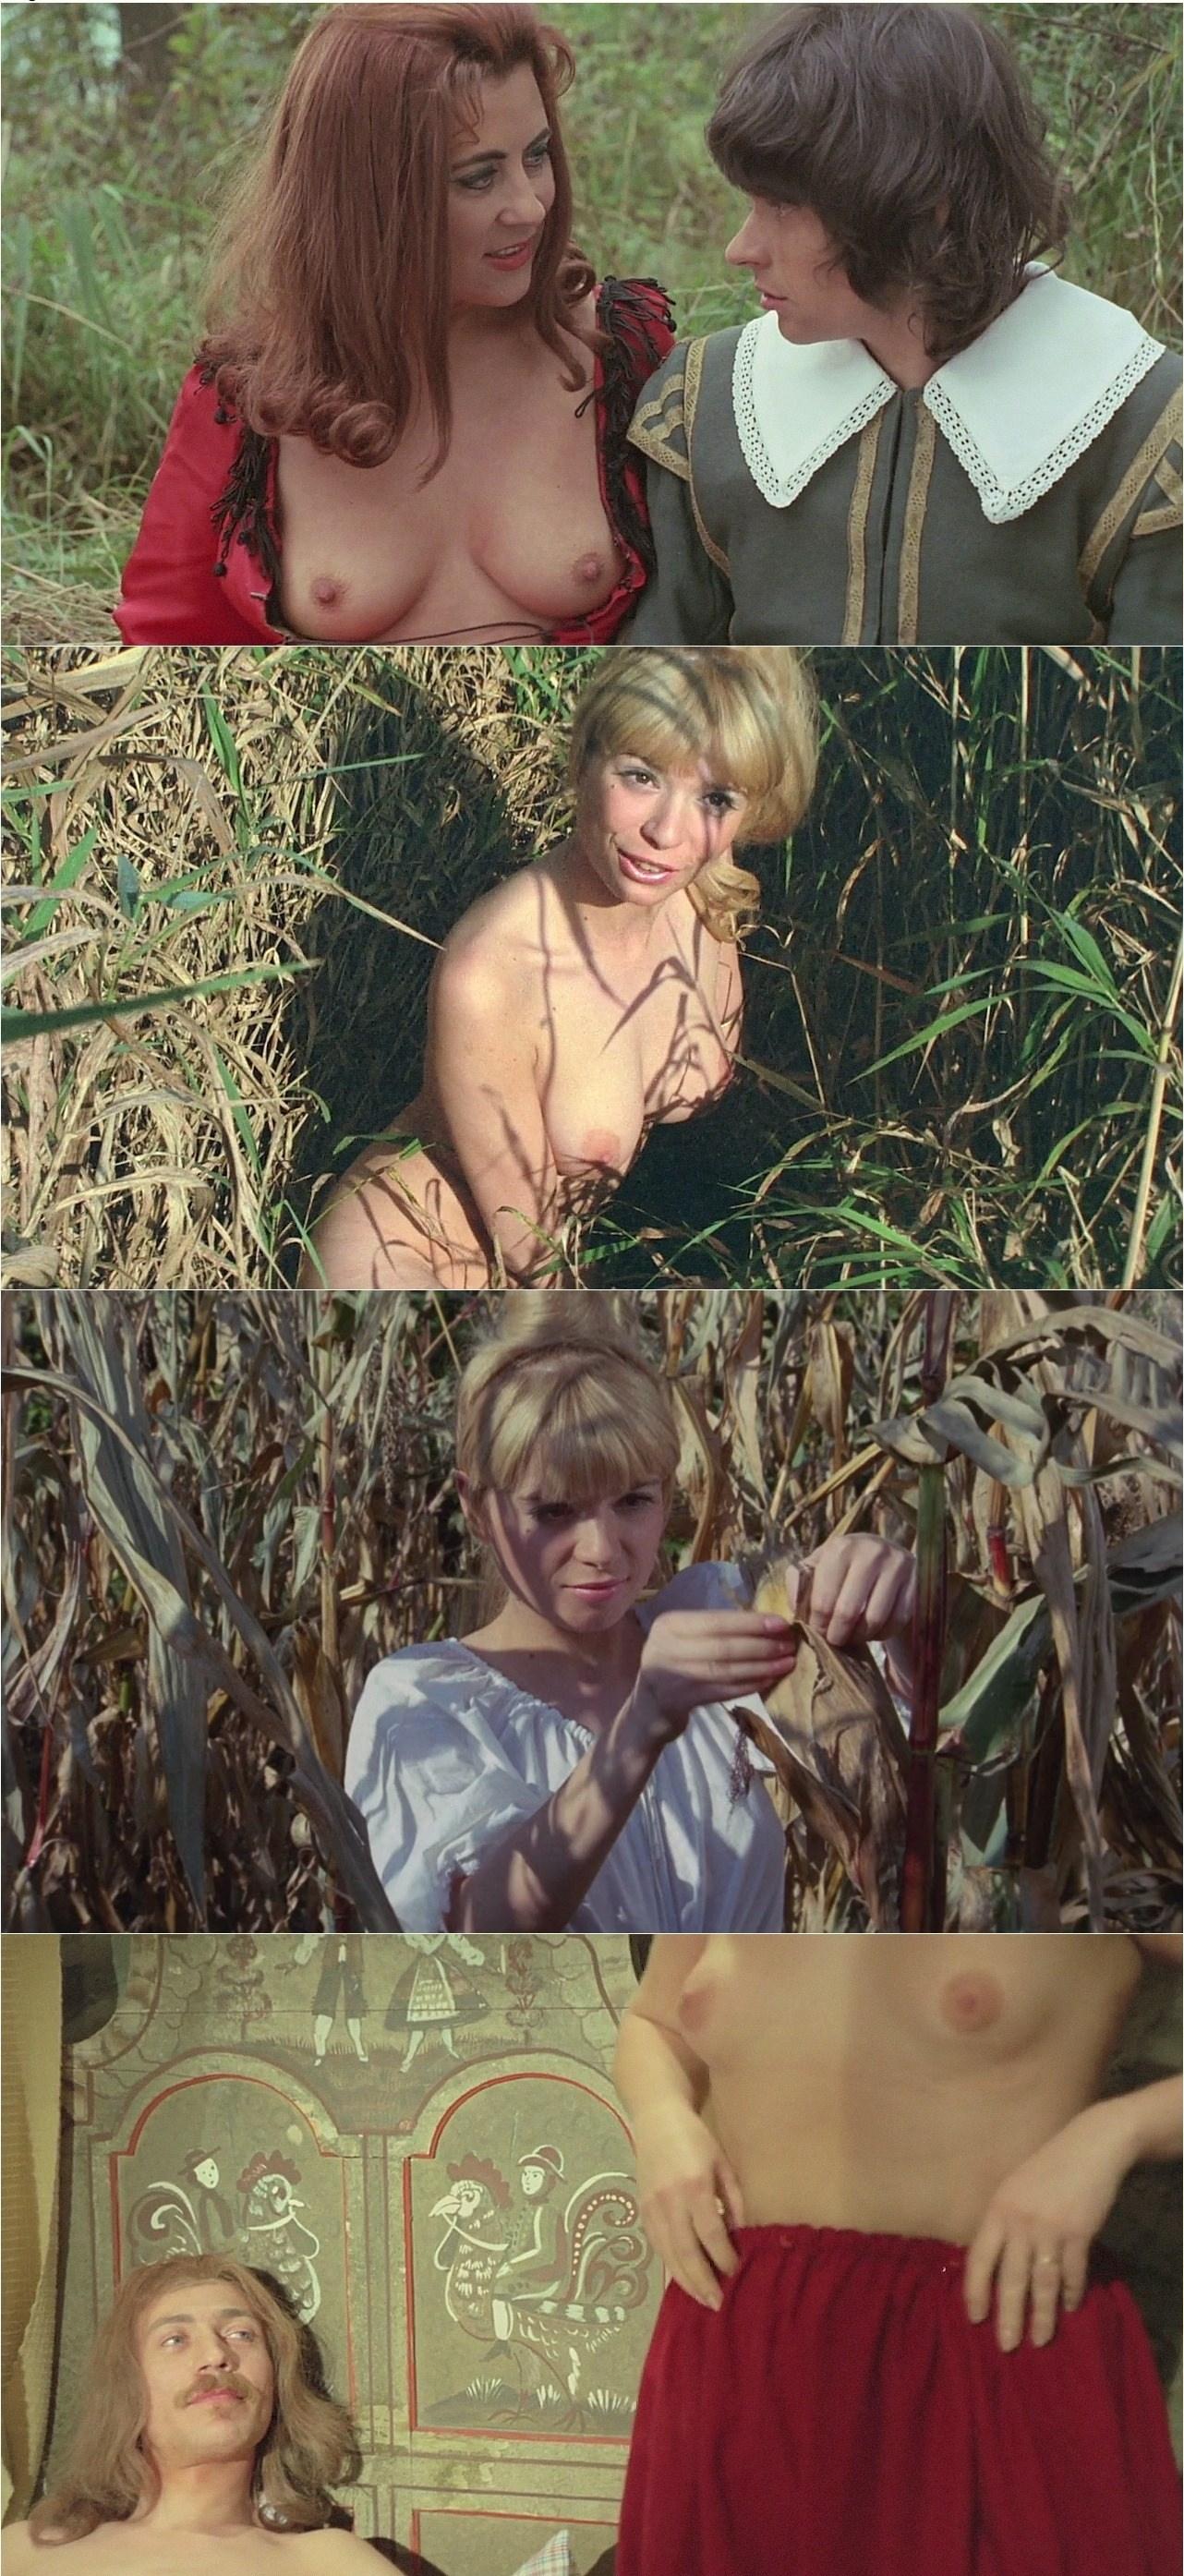 interesnie-eroticheskie-priklyuchenie-kamera-zhenshini-pisayut